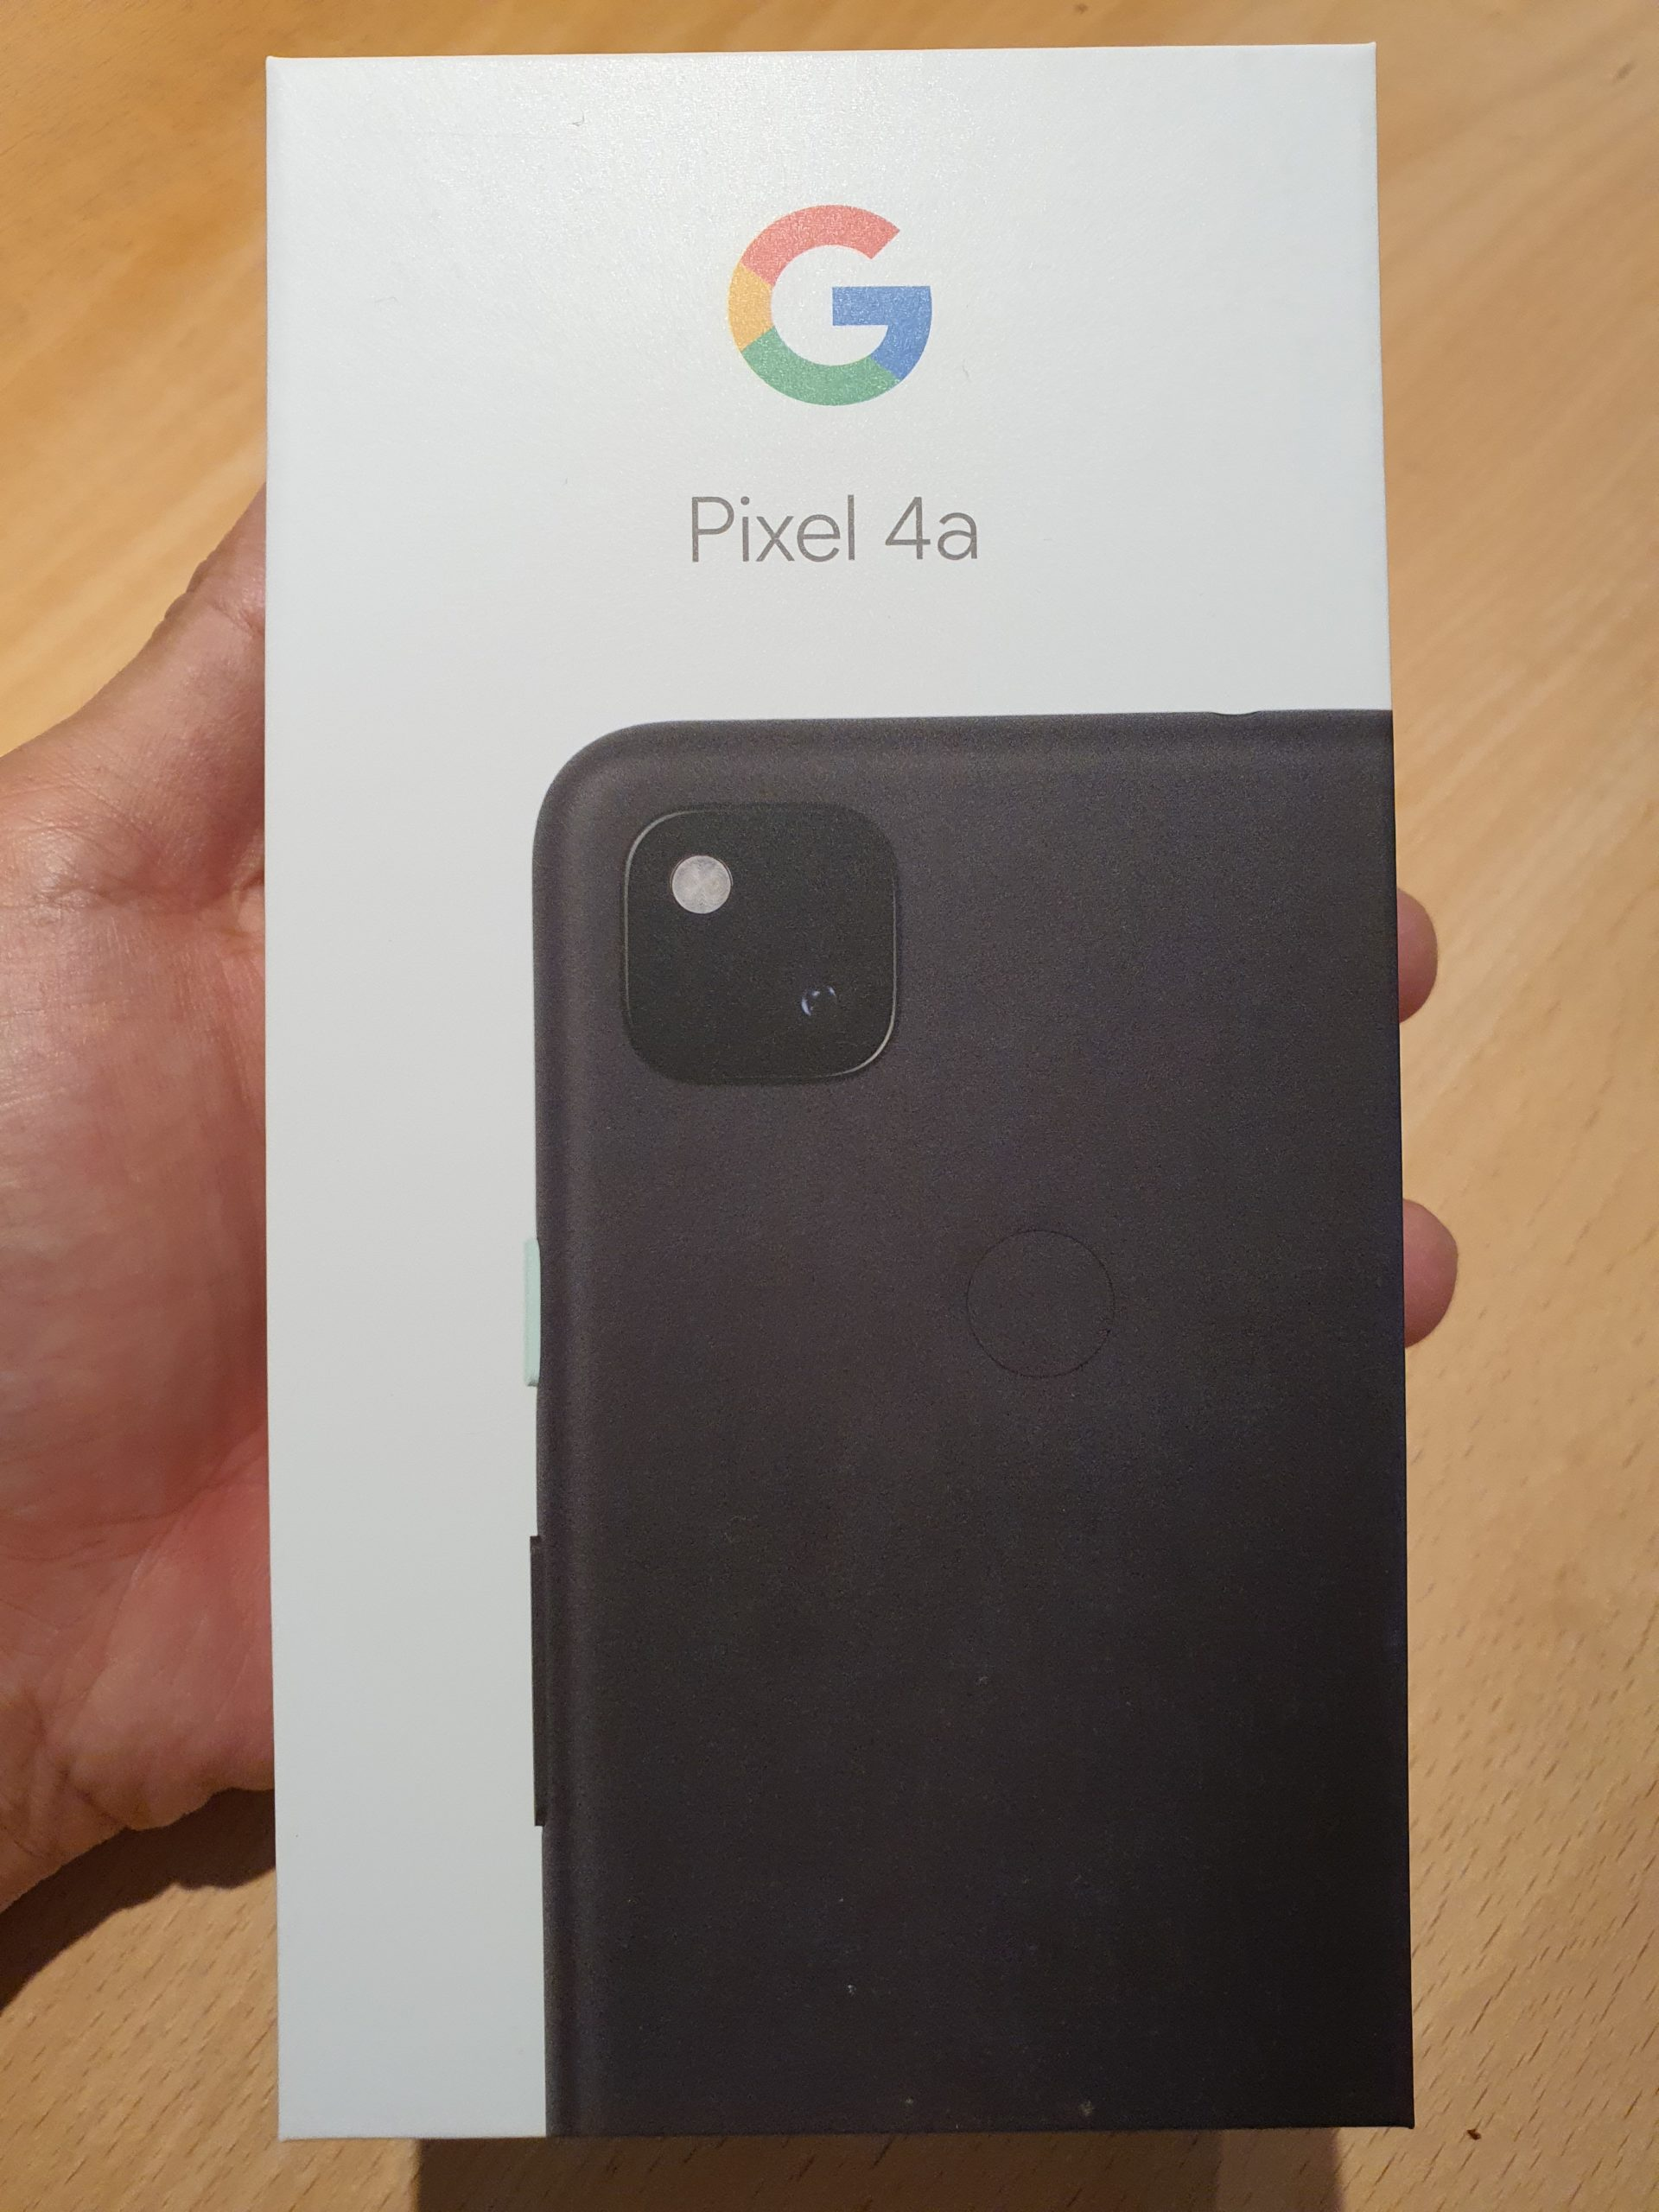 Google純正スマホpixel4aを買いました〜。